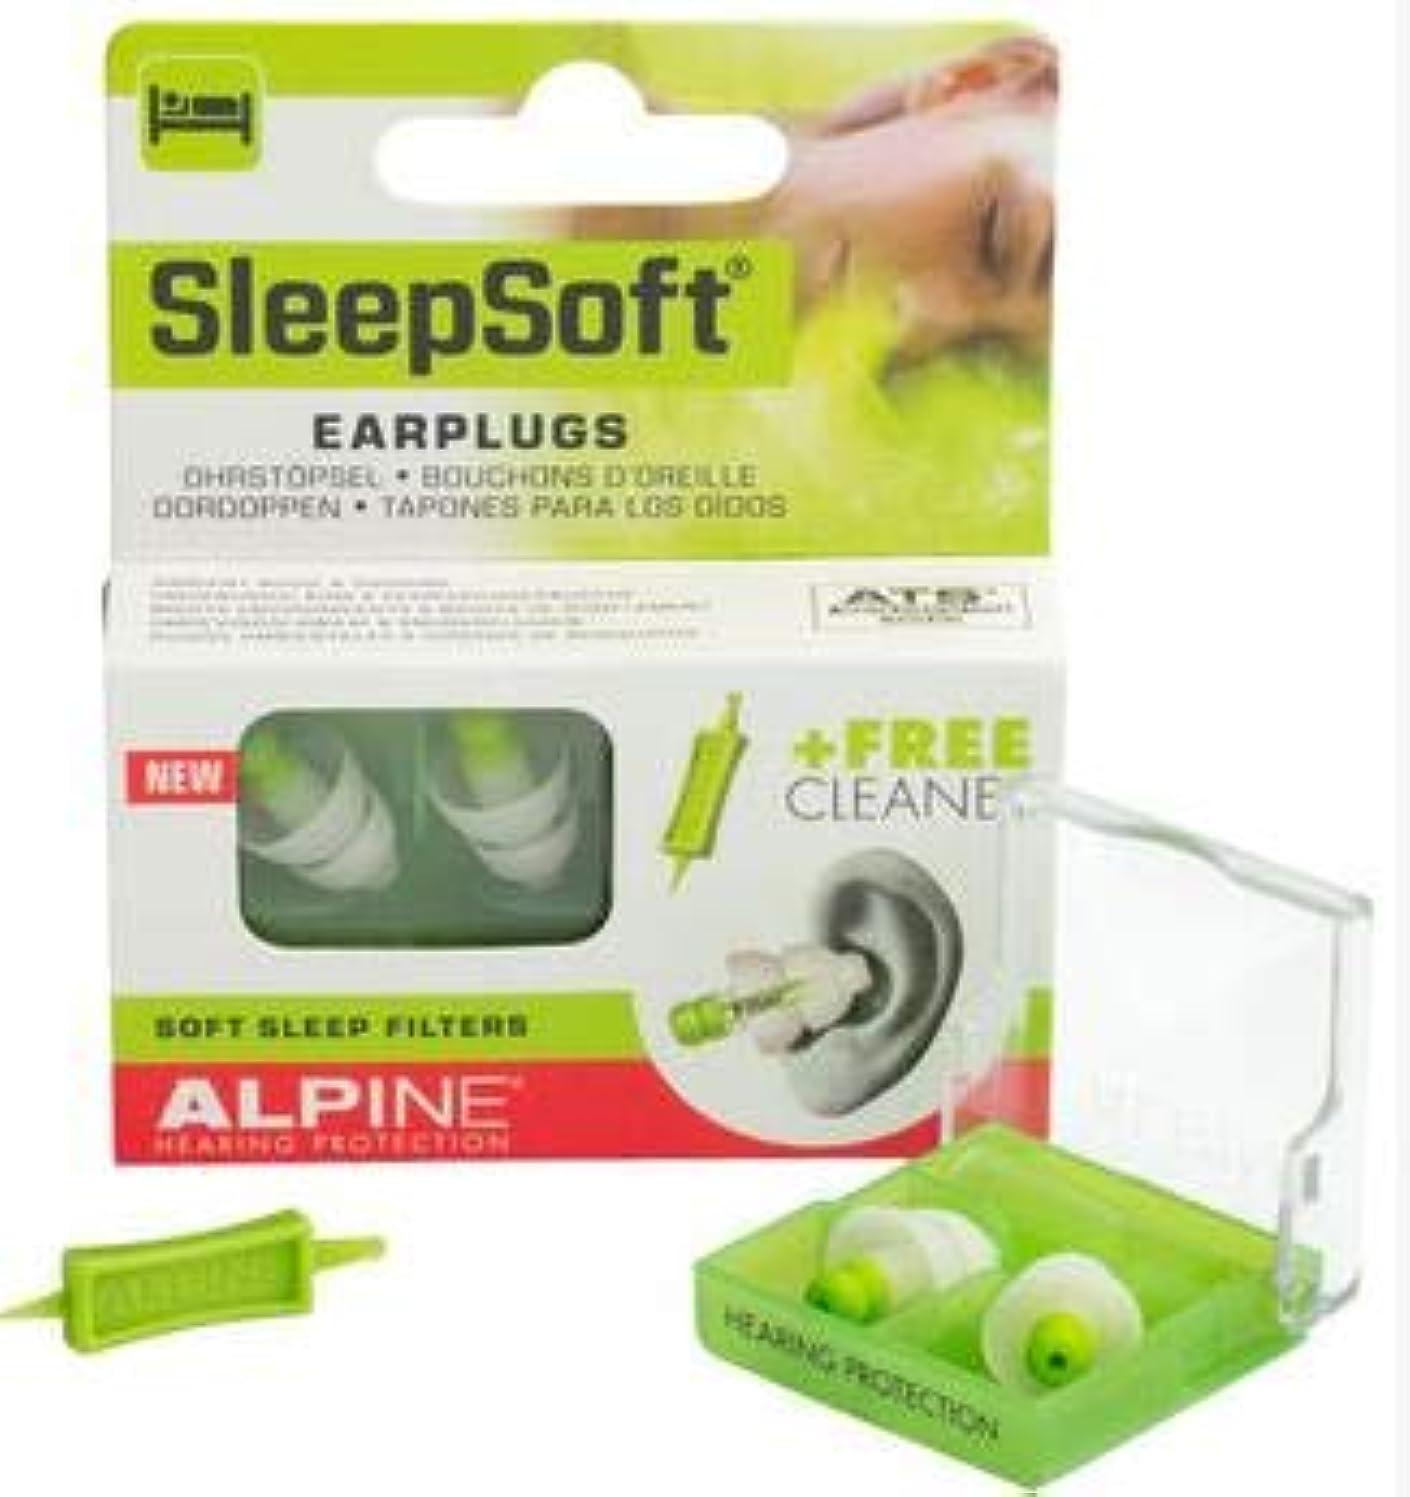 消去マート語NOTE Ms耳栓アンチいびき睡眠いびきをかく人騒音低減と快適携帯旅行のギフト